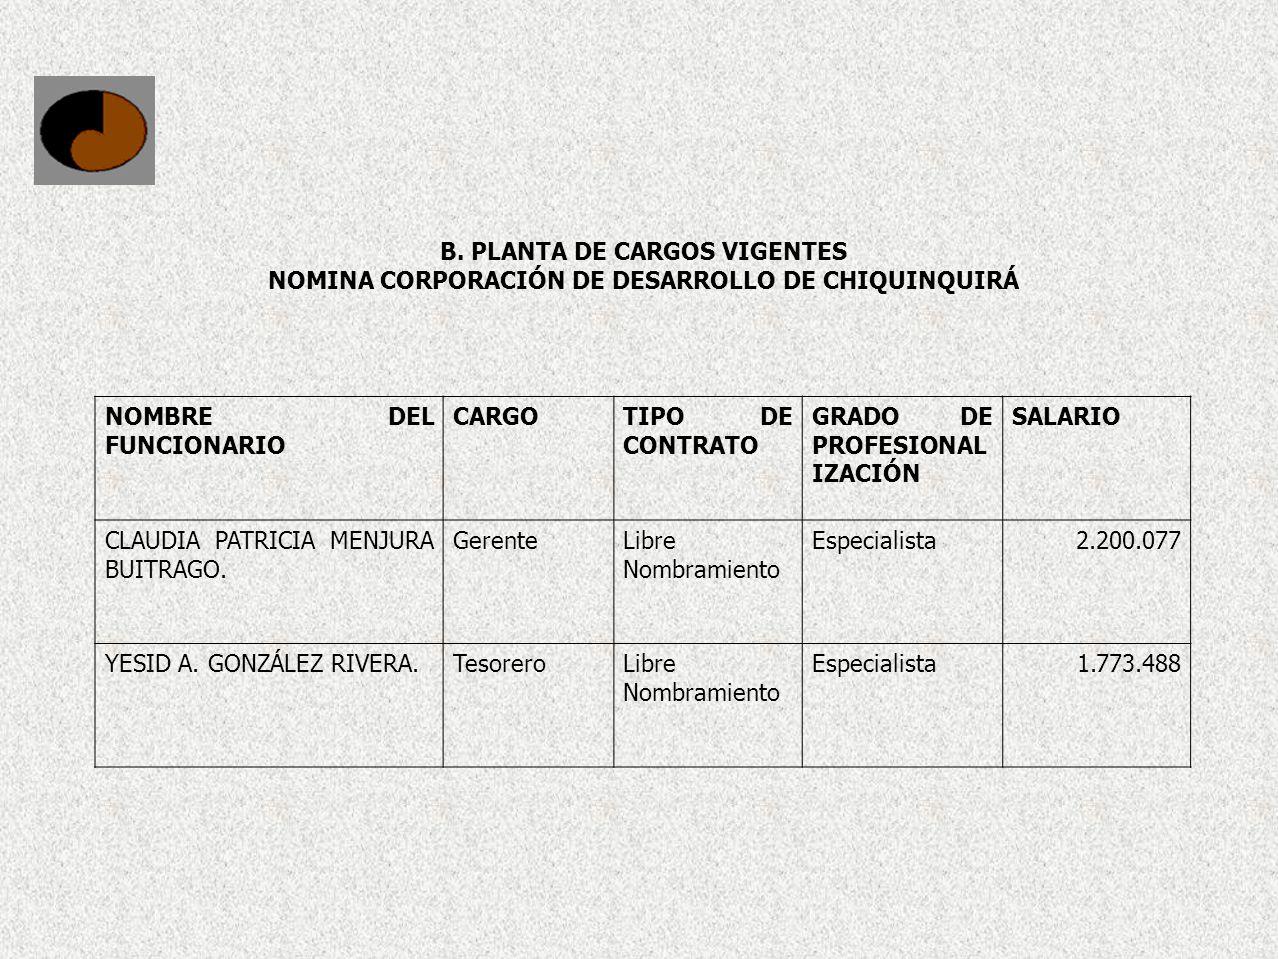 B. PLANTA DE CARGOS VIGENTES